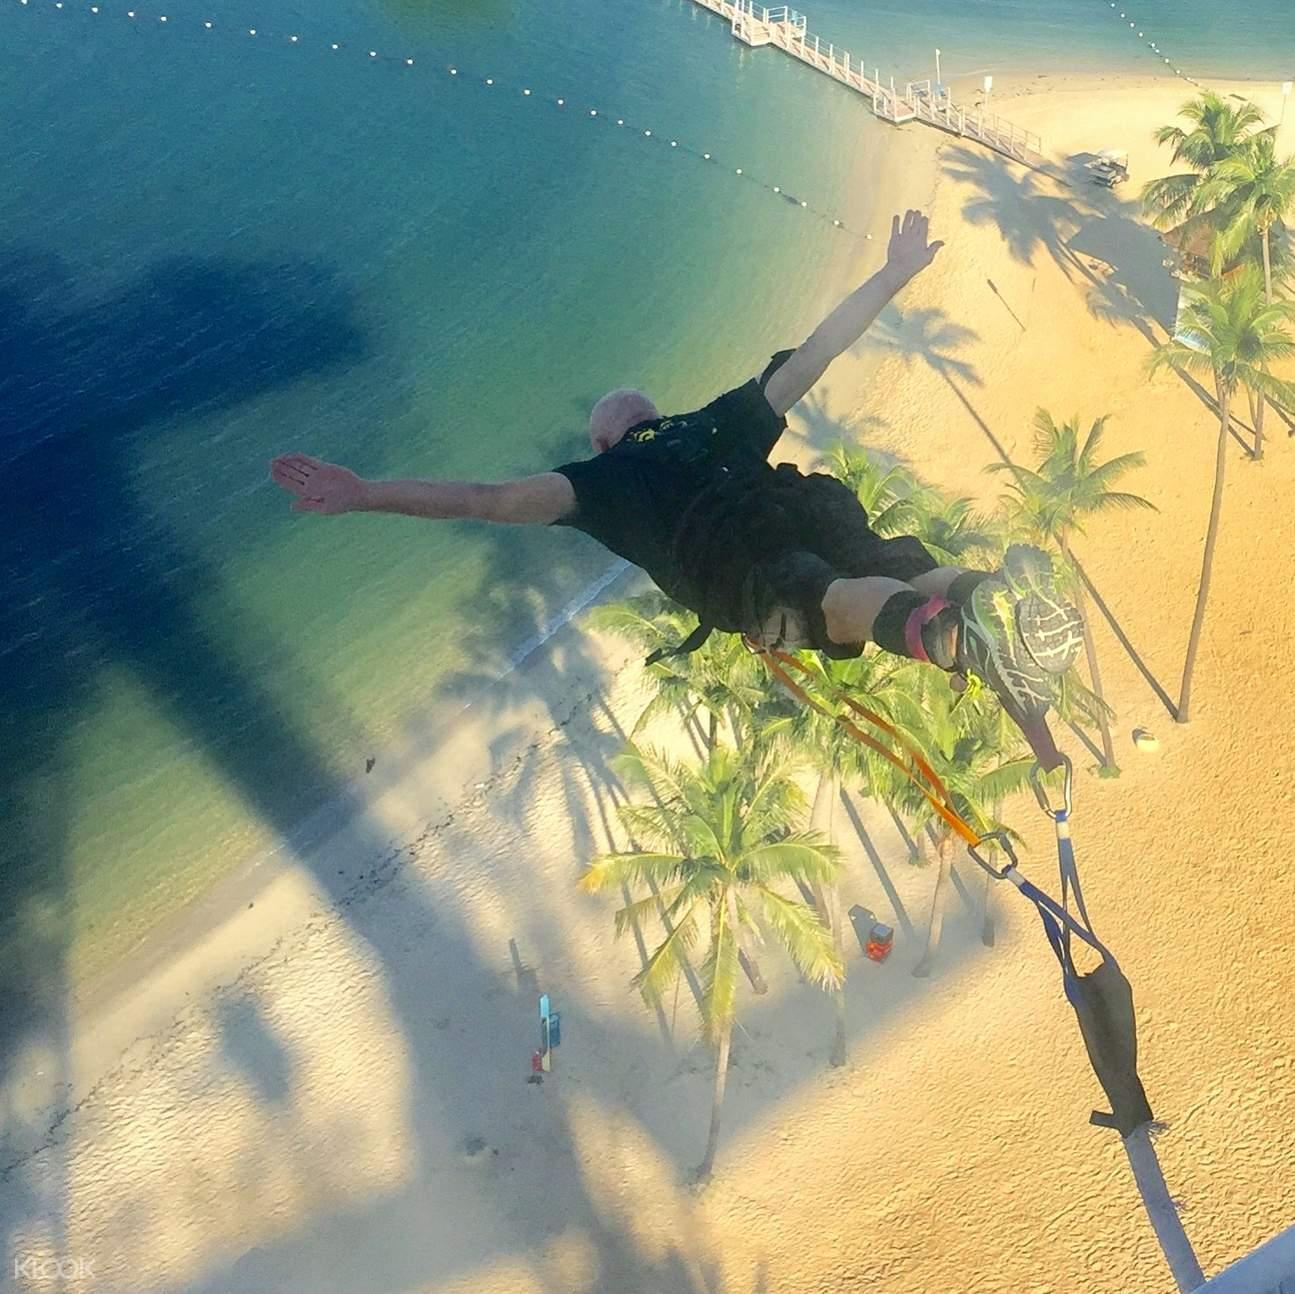 nhảy bungee là một hoạt động ngoài trời tại singapore rất thú vị